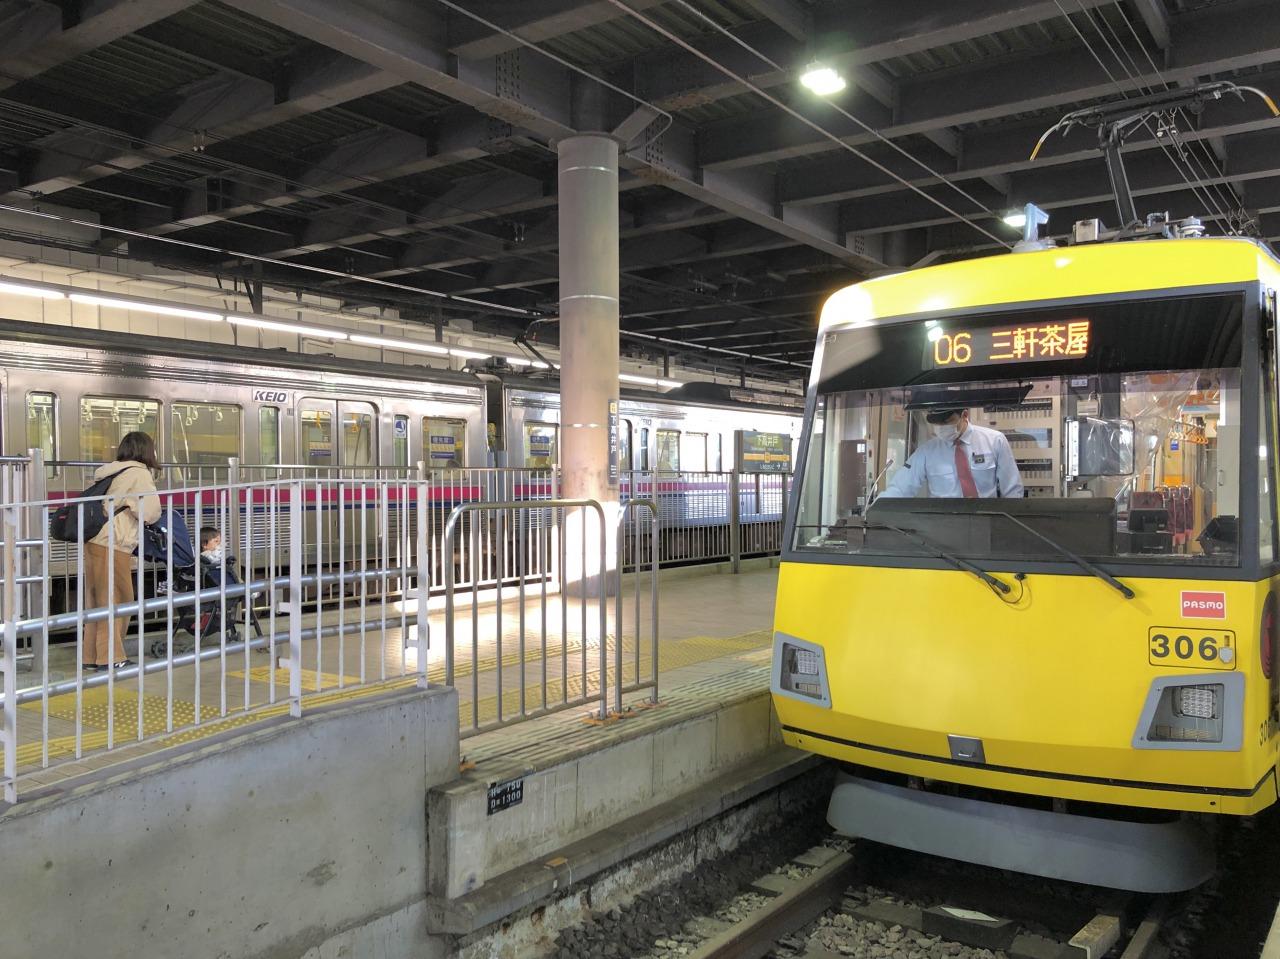 下高井戸駅構内の様子。黄色の車両が世田谷線で、京王線はお隣を走っています(改札、ホームは別々です)。